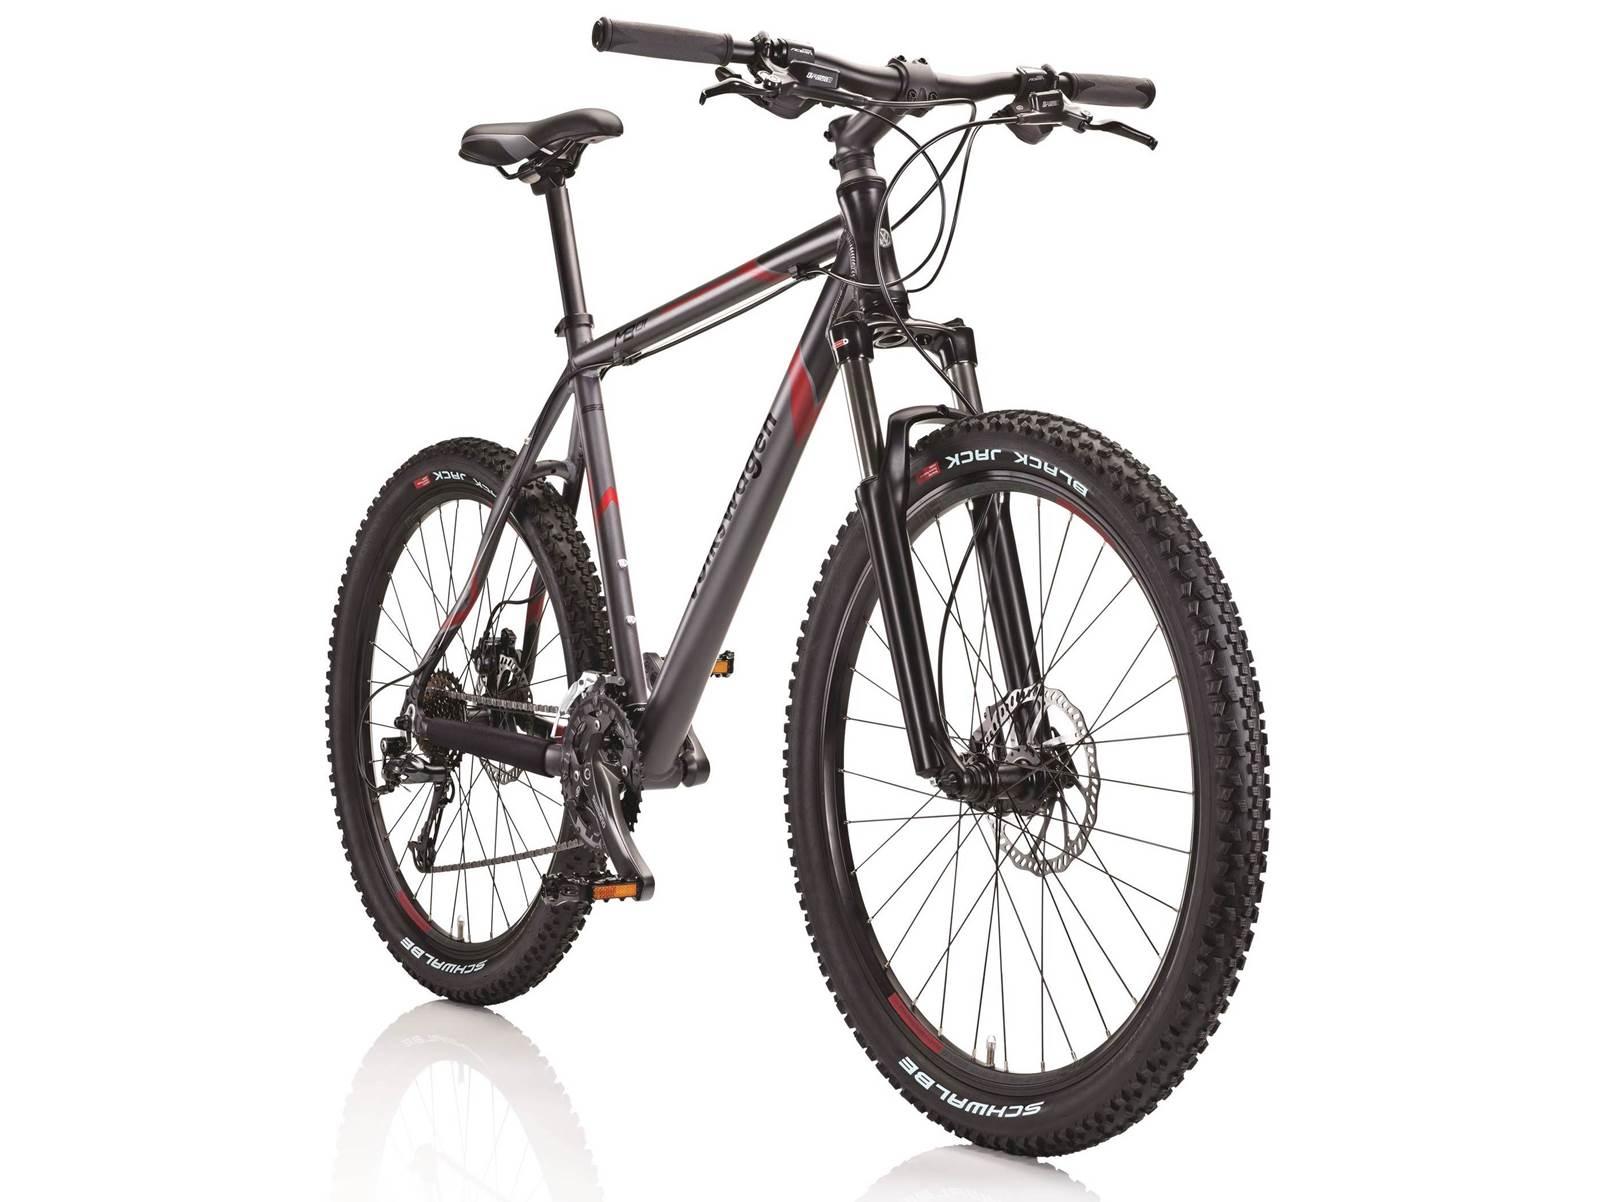 03350f8778cb6 Bicicleta Volkswagen Mountain Bike  lançamento em SP